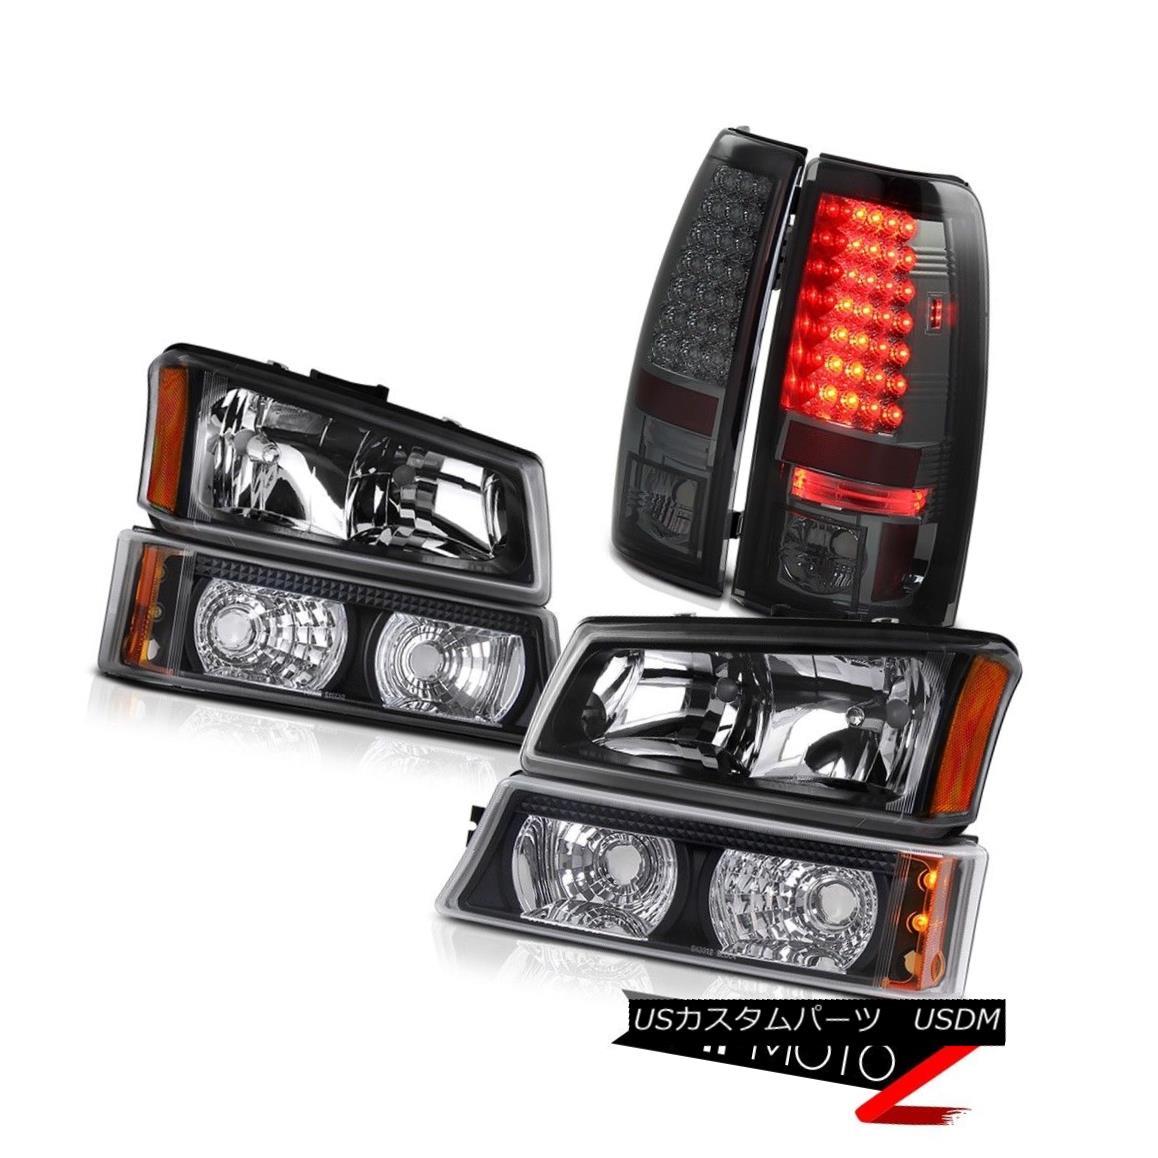 テールライト Black Headlamps Signal Bumper Lights 2003-2006 Silverado 5.3L V8 Brake Tail Lamp ブラックヘッドランプ信号バンパーライト2003-2006 Silverado 5.3L V8ブレーキテールランプ